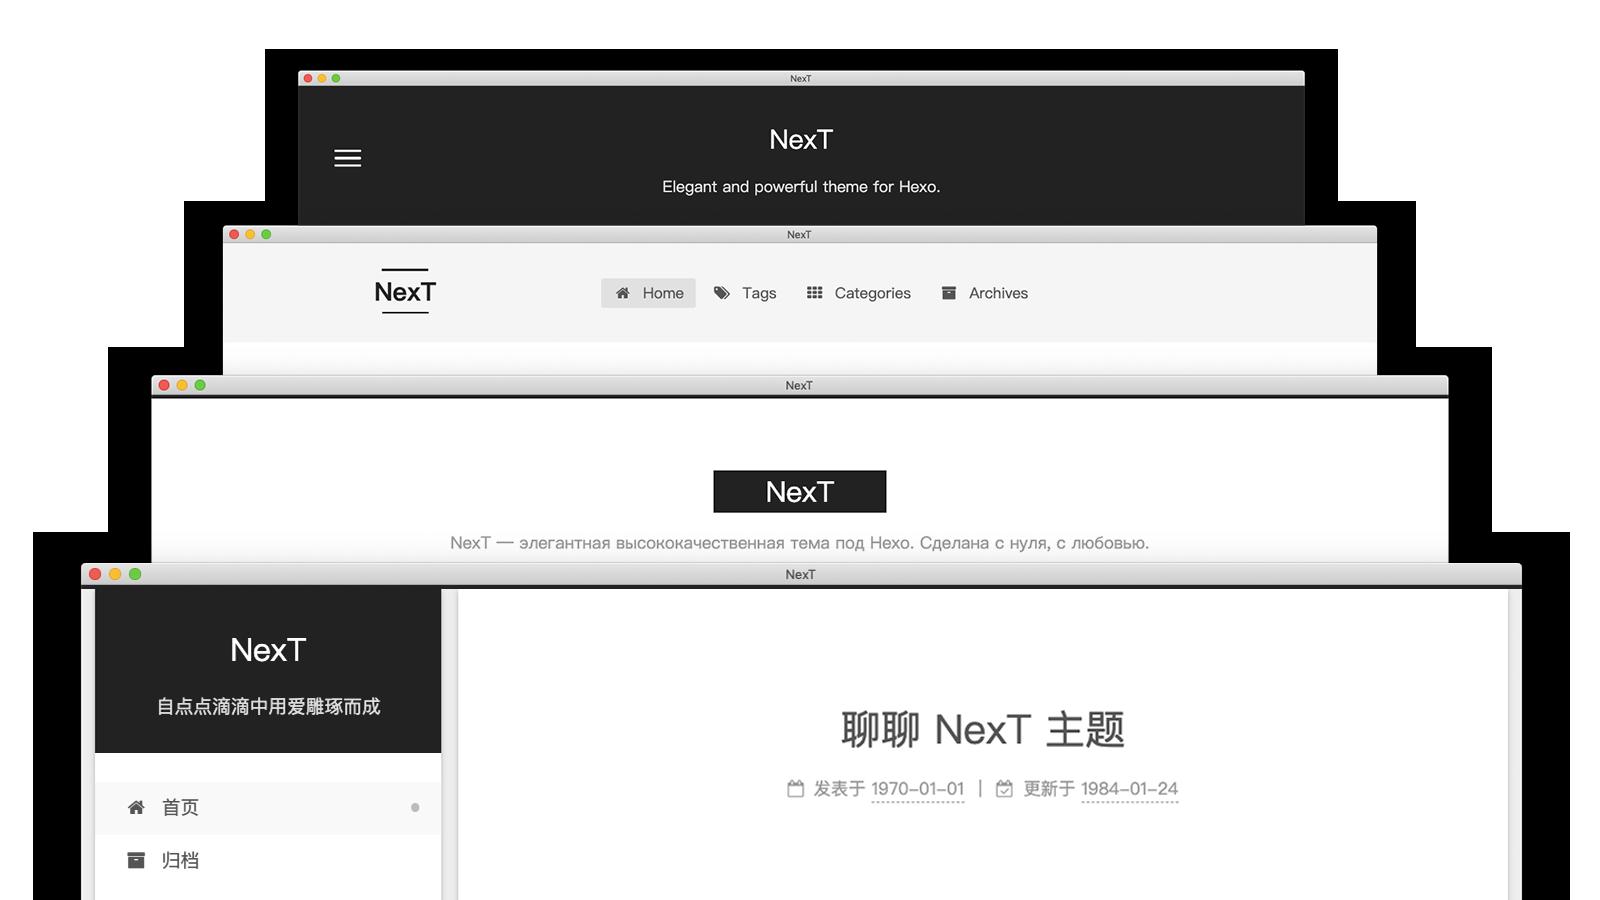 hexo-theme-next